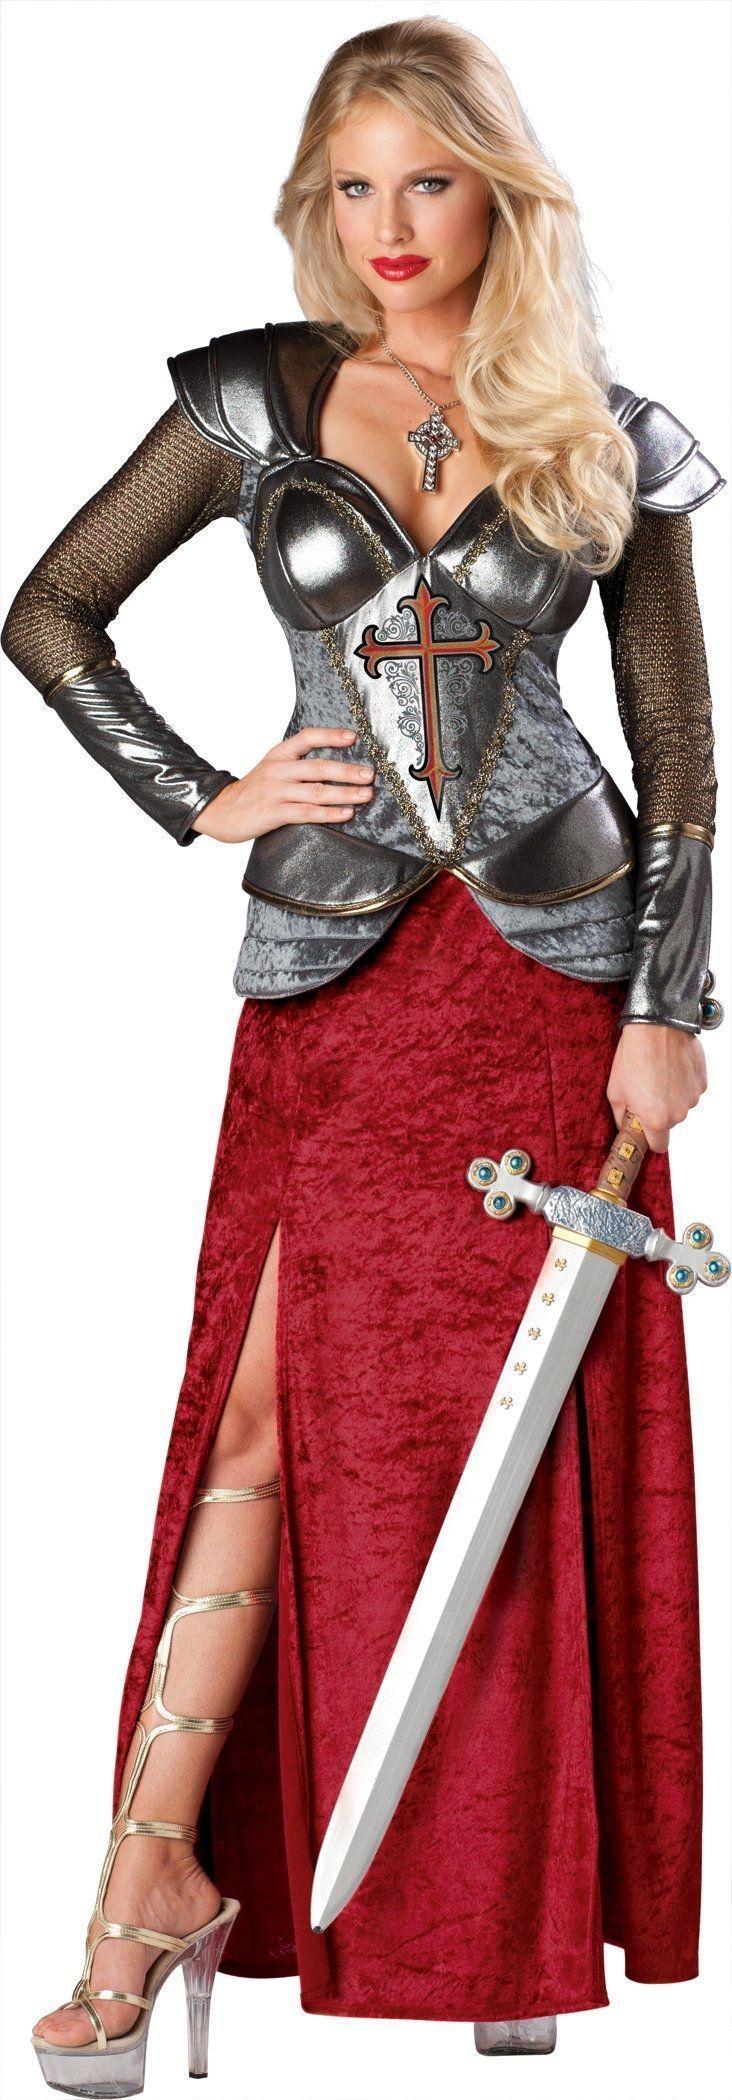 Костюм знаменитой Жанны д Арк (48-50) н п таньшина жанна д арк подлинная история орлеанской девы